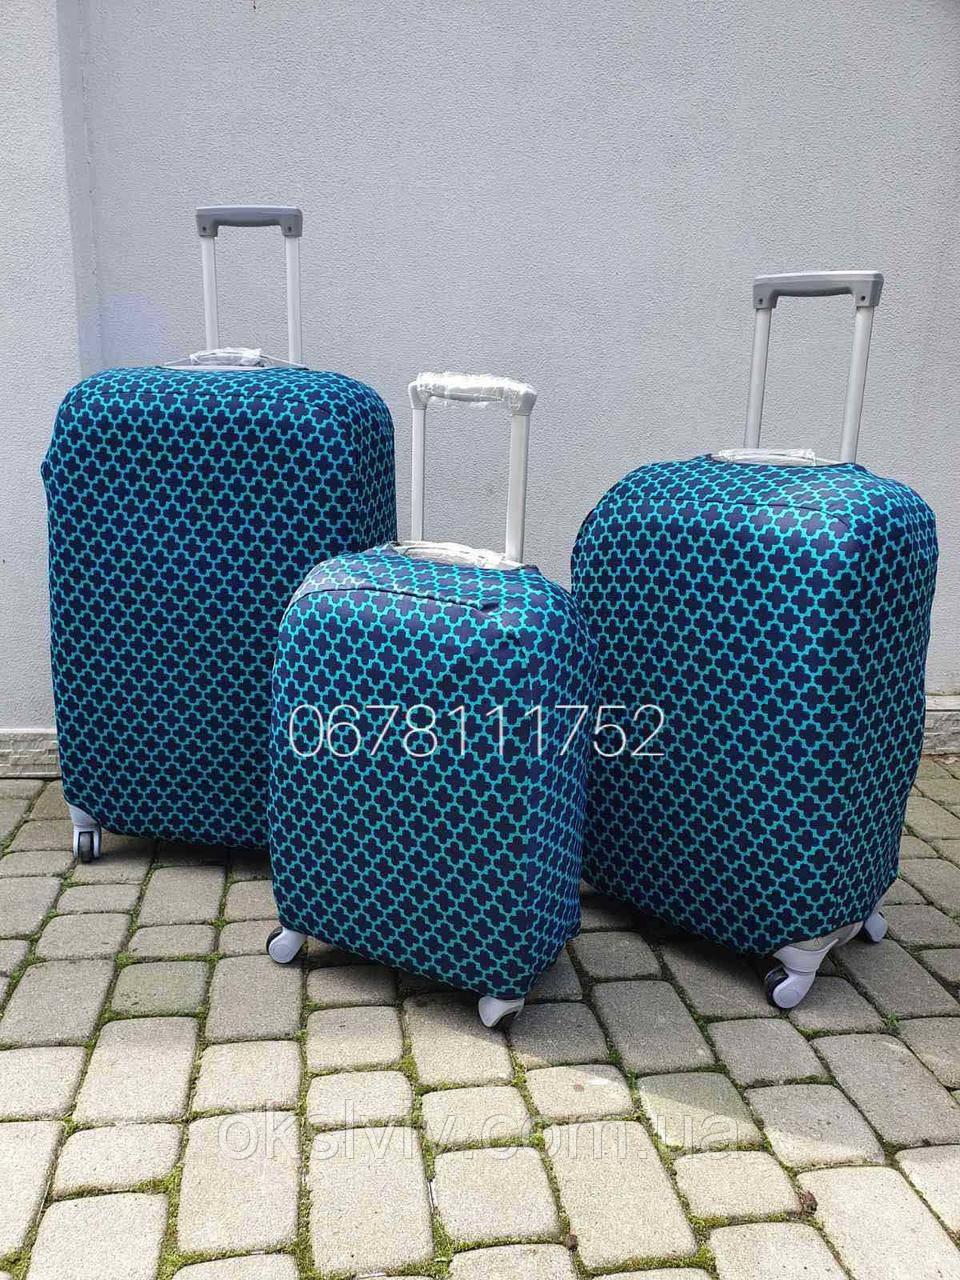 ЧОХЛИ чехлы на валізи чемоданы МІКРОДАЙВІНГ УКРАЇНА